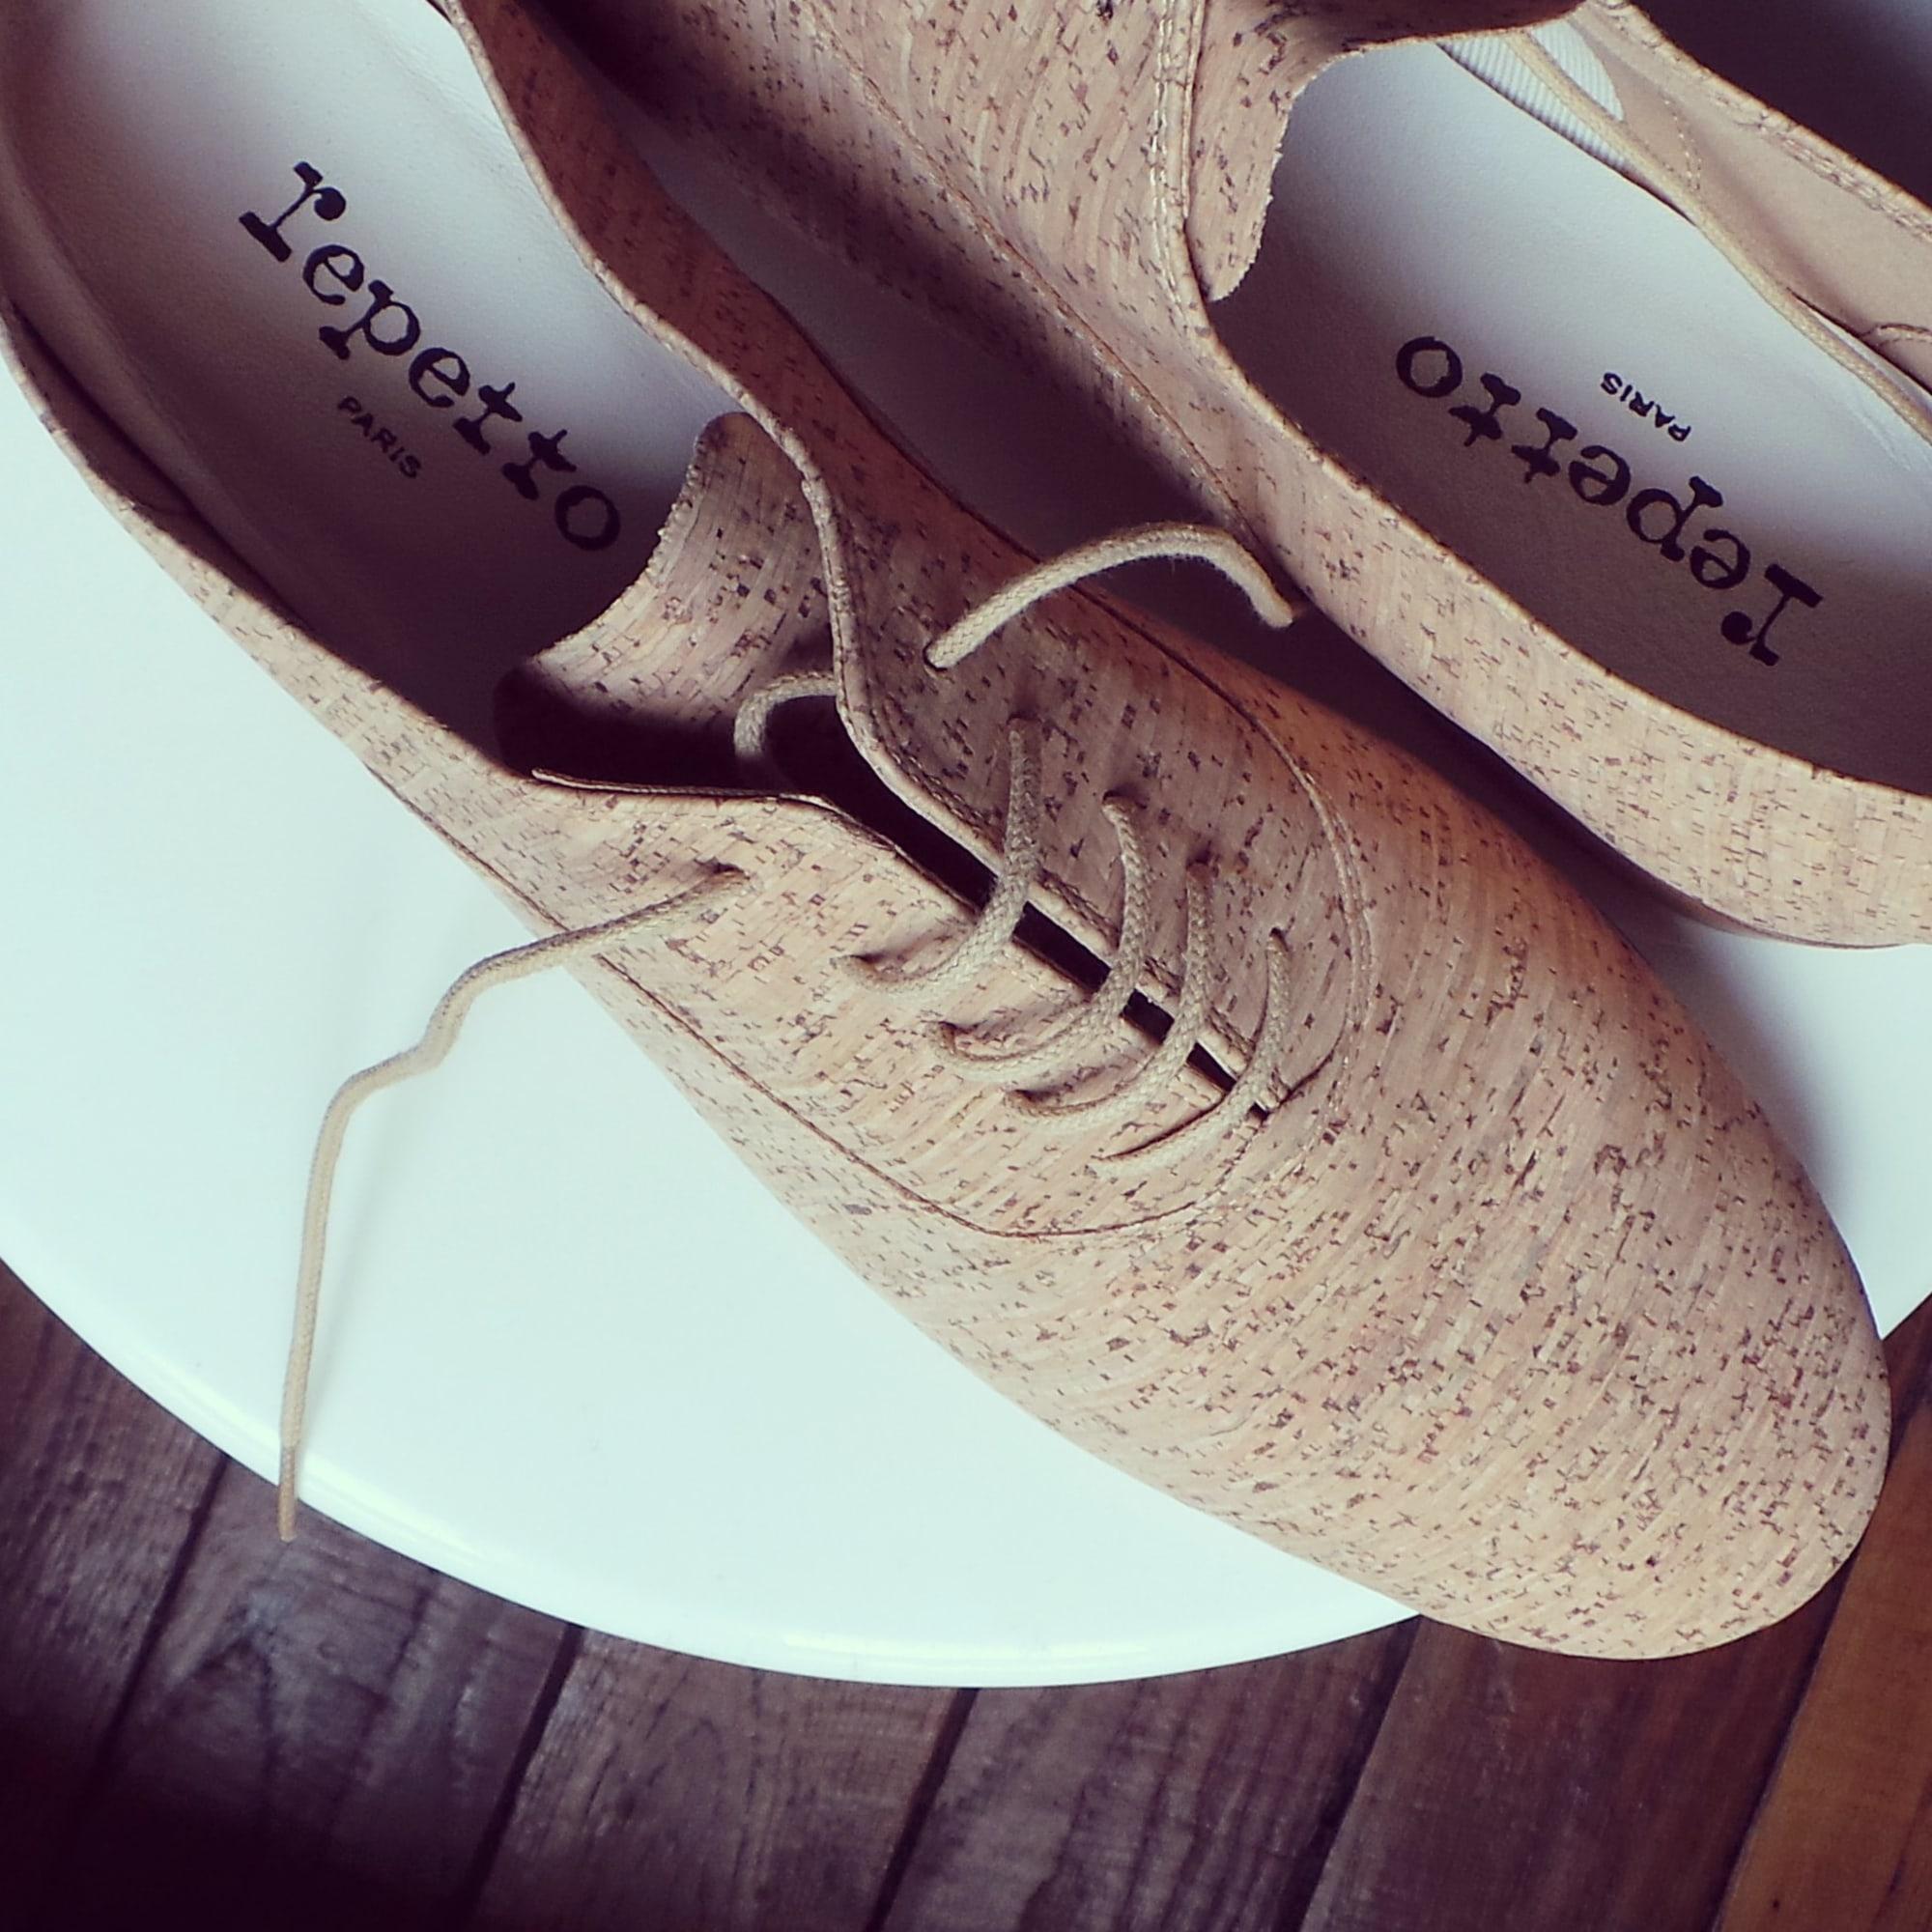 7036b13de61d4 Chaussures à lacets REPETTO 40 liège vendu par Shopname4369 - 1622485